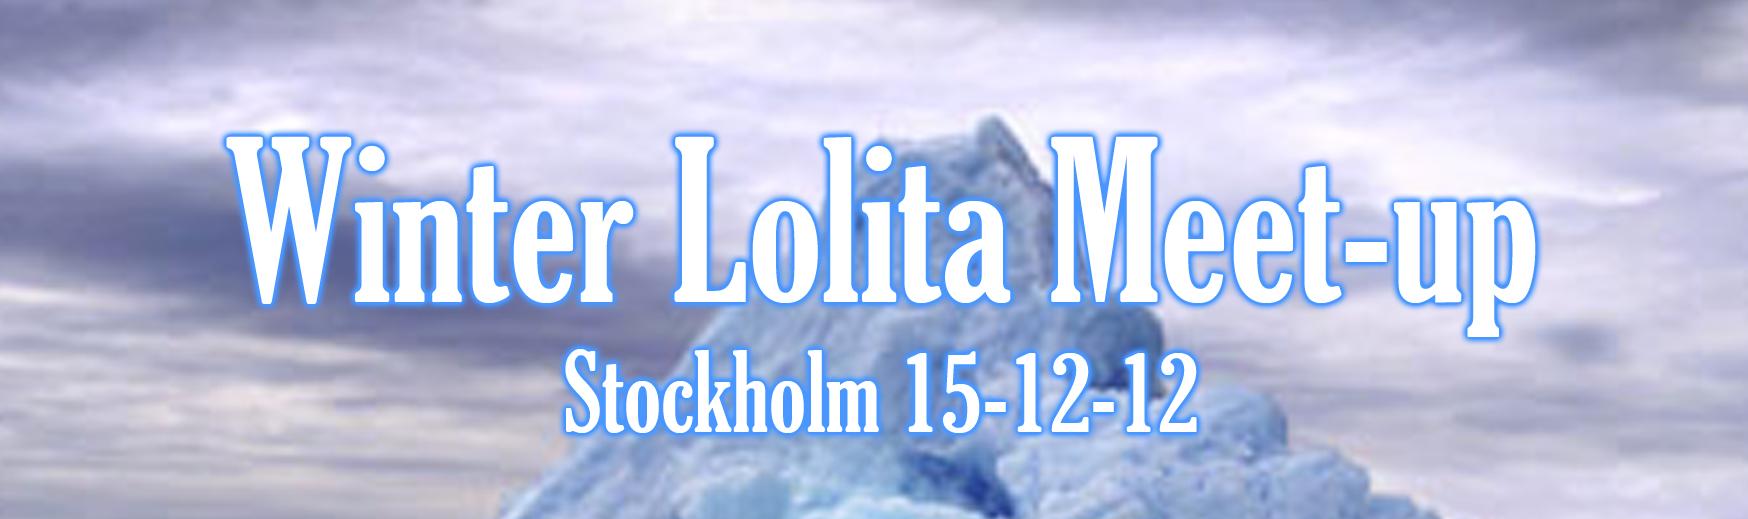 vinter lolita meetup banner